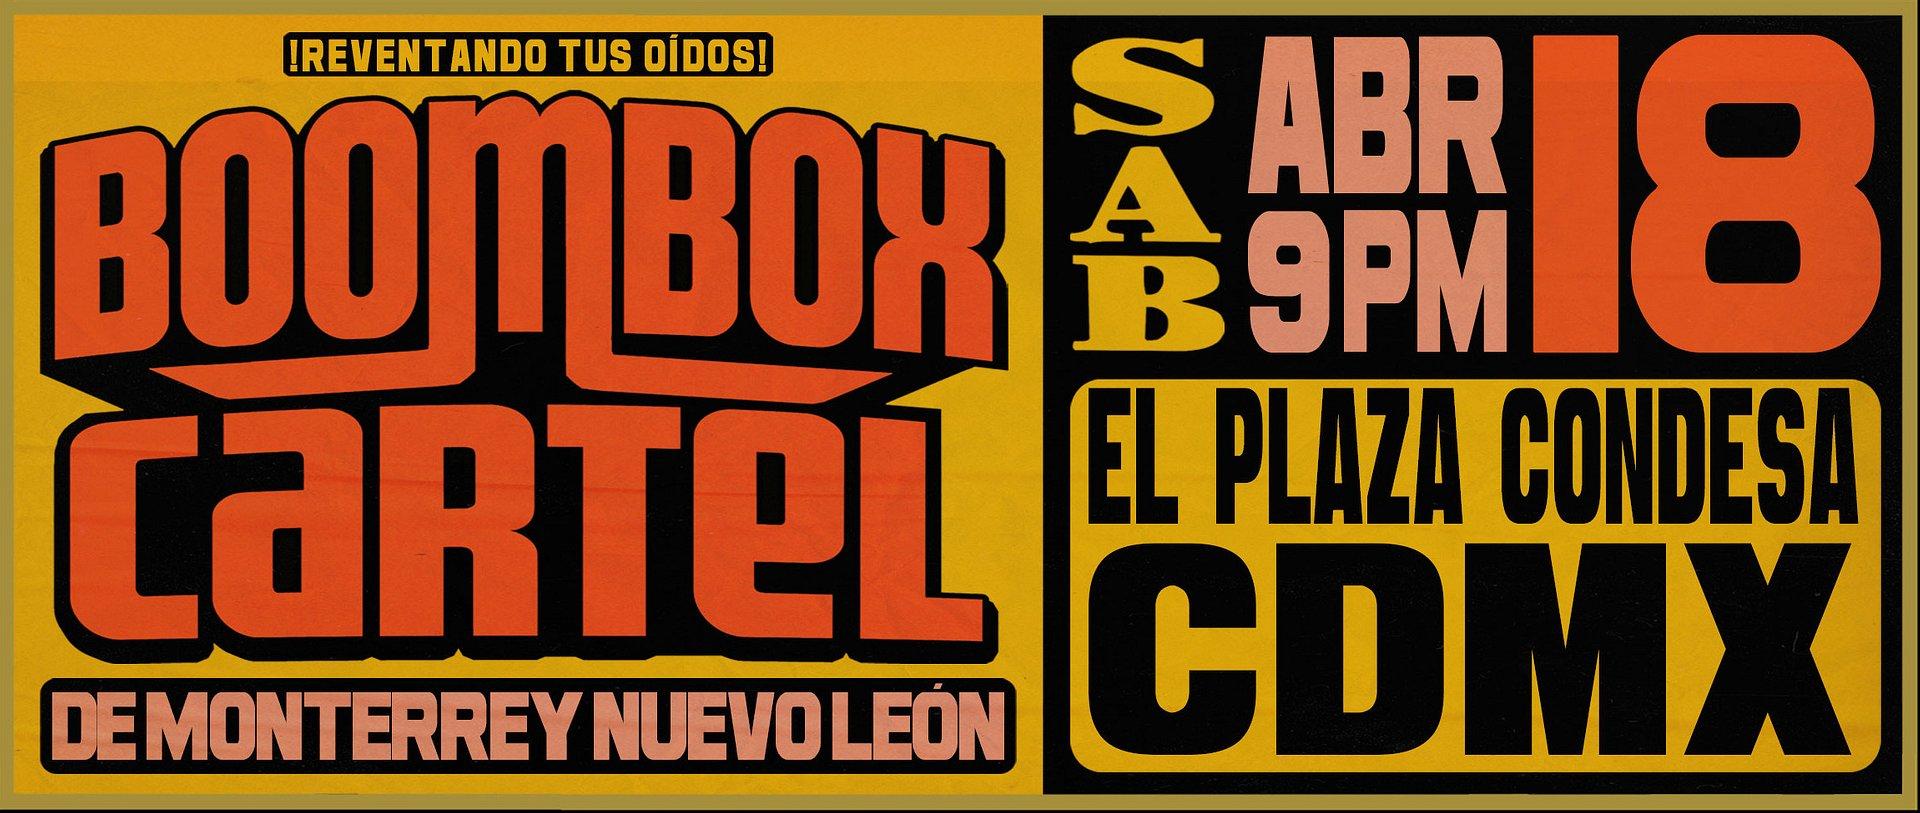 Boombox Cartel por primera vez en El Plaza Condesa